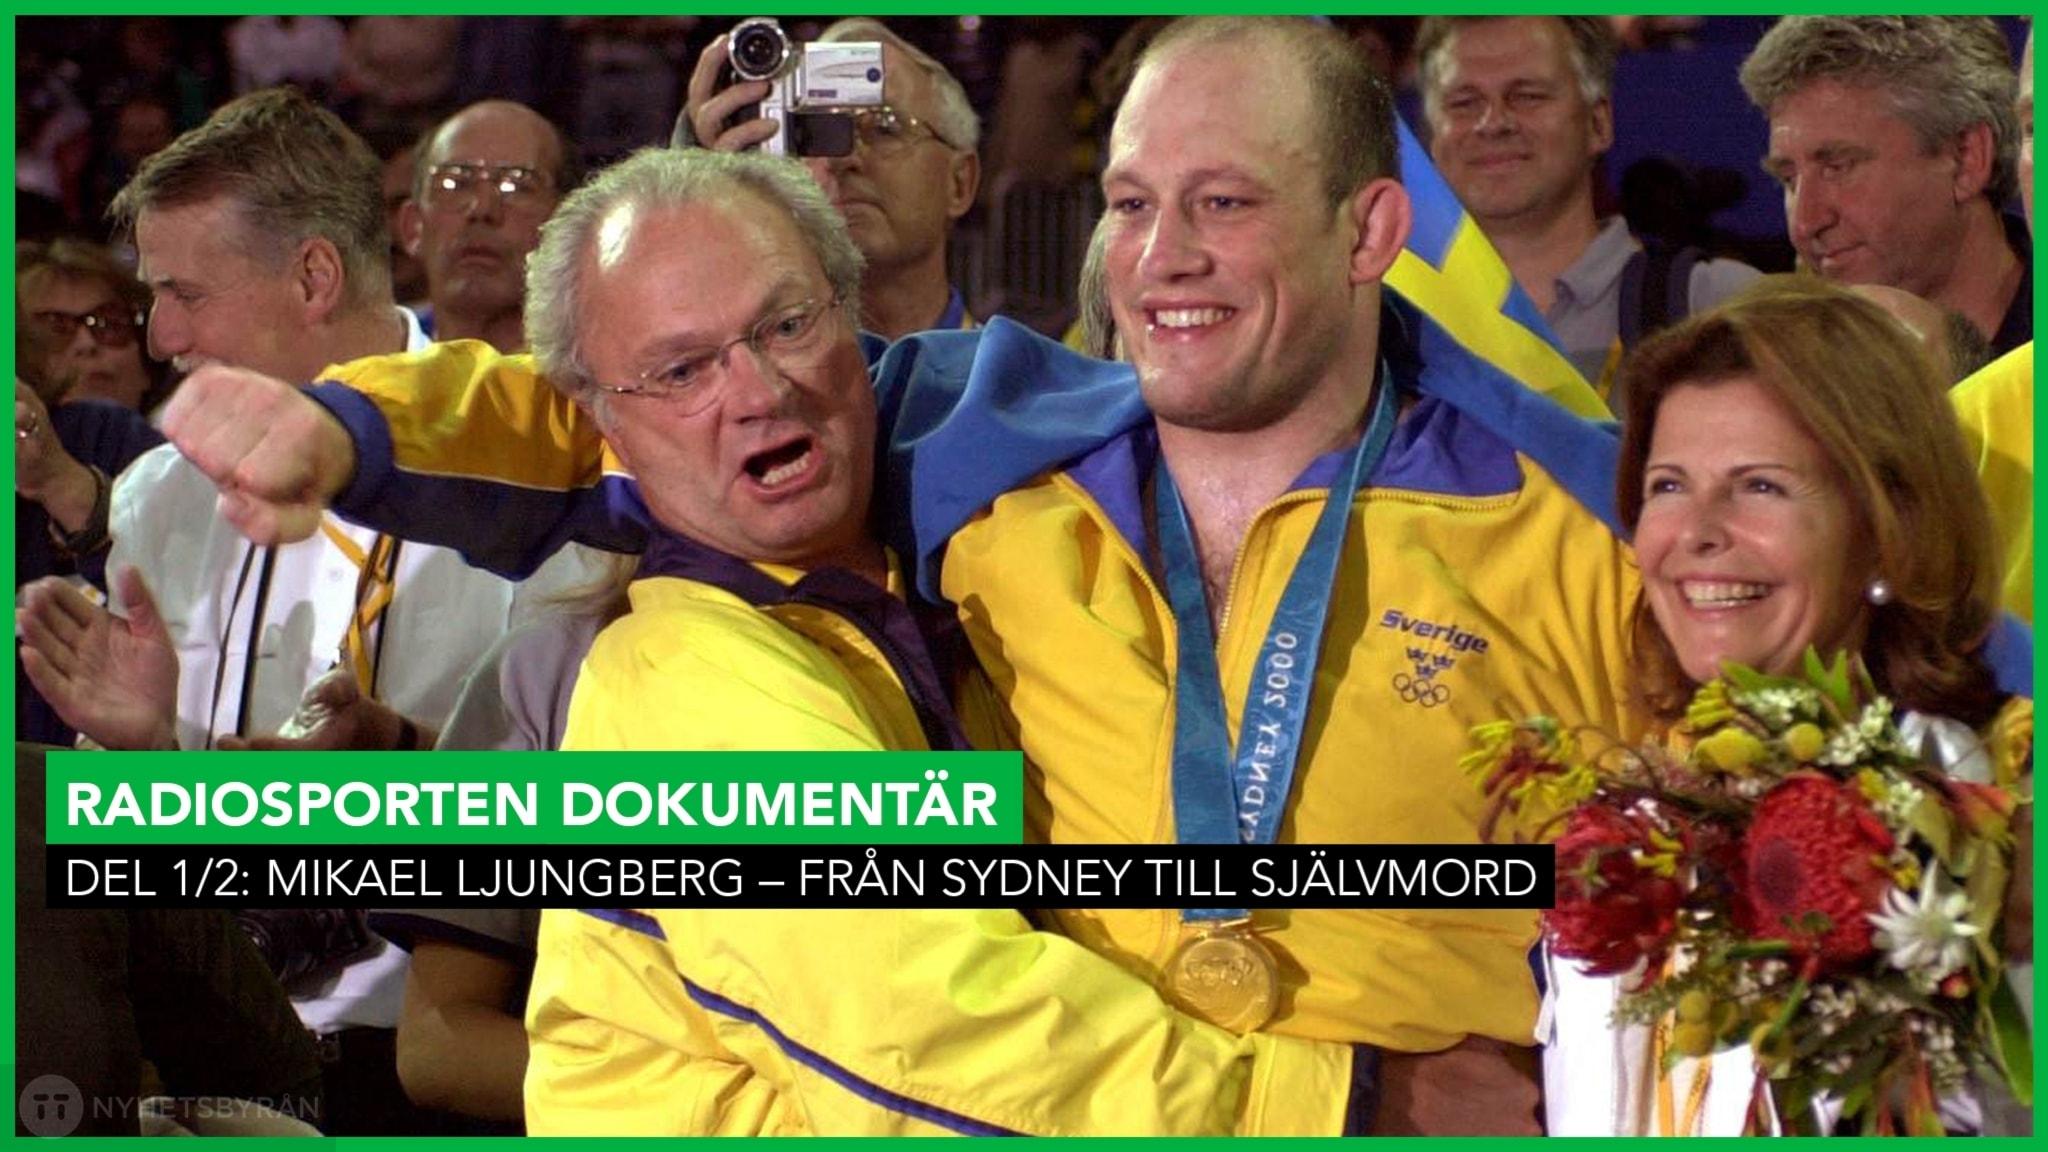 Del 1/2: Mikael Ljungberg - Från Sydney till självmord